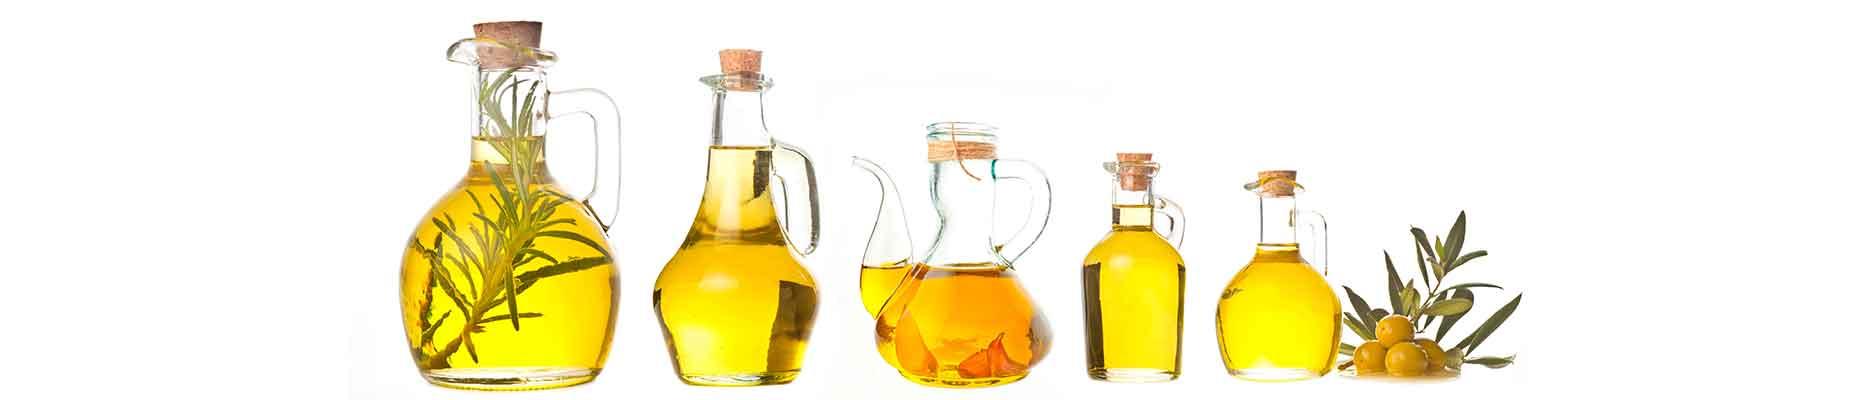 Olivenöl aus piemont Liemonte italienische Spezialitäten, Castrop-Rauxel